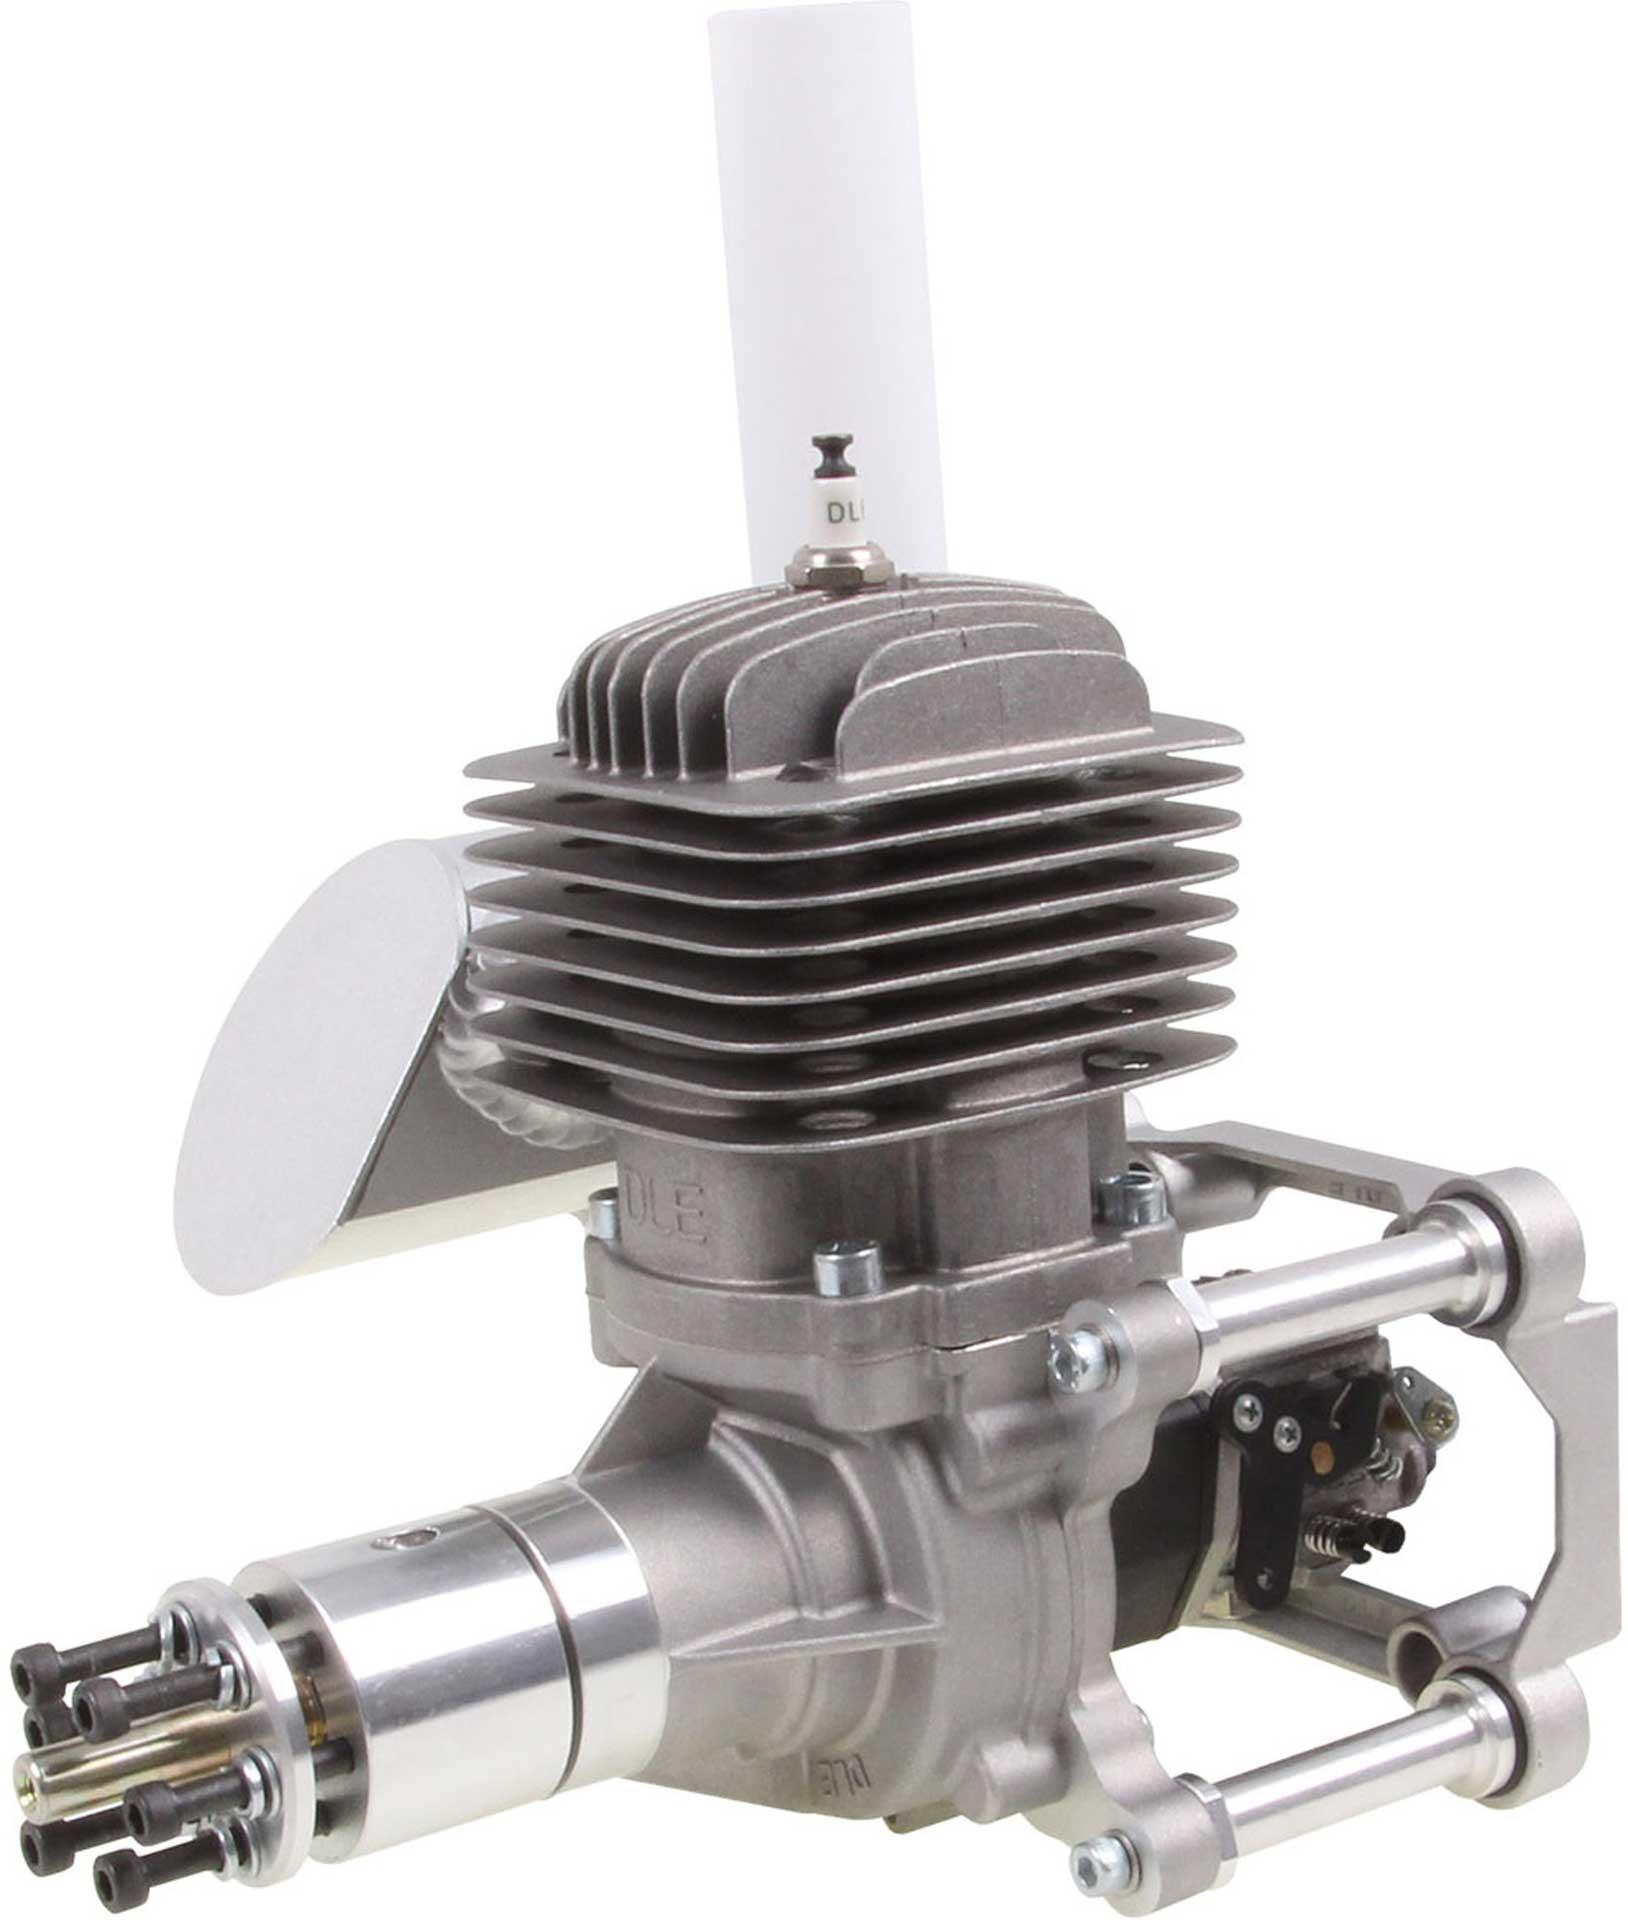 DLE Engines DL (DLE) 85 MOTEUR À ESSENCE AVEC ALLUMAGE ÉLECTRONIQUE